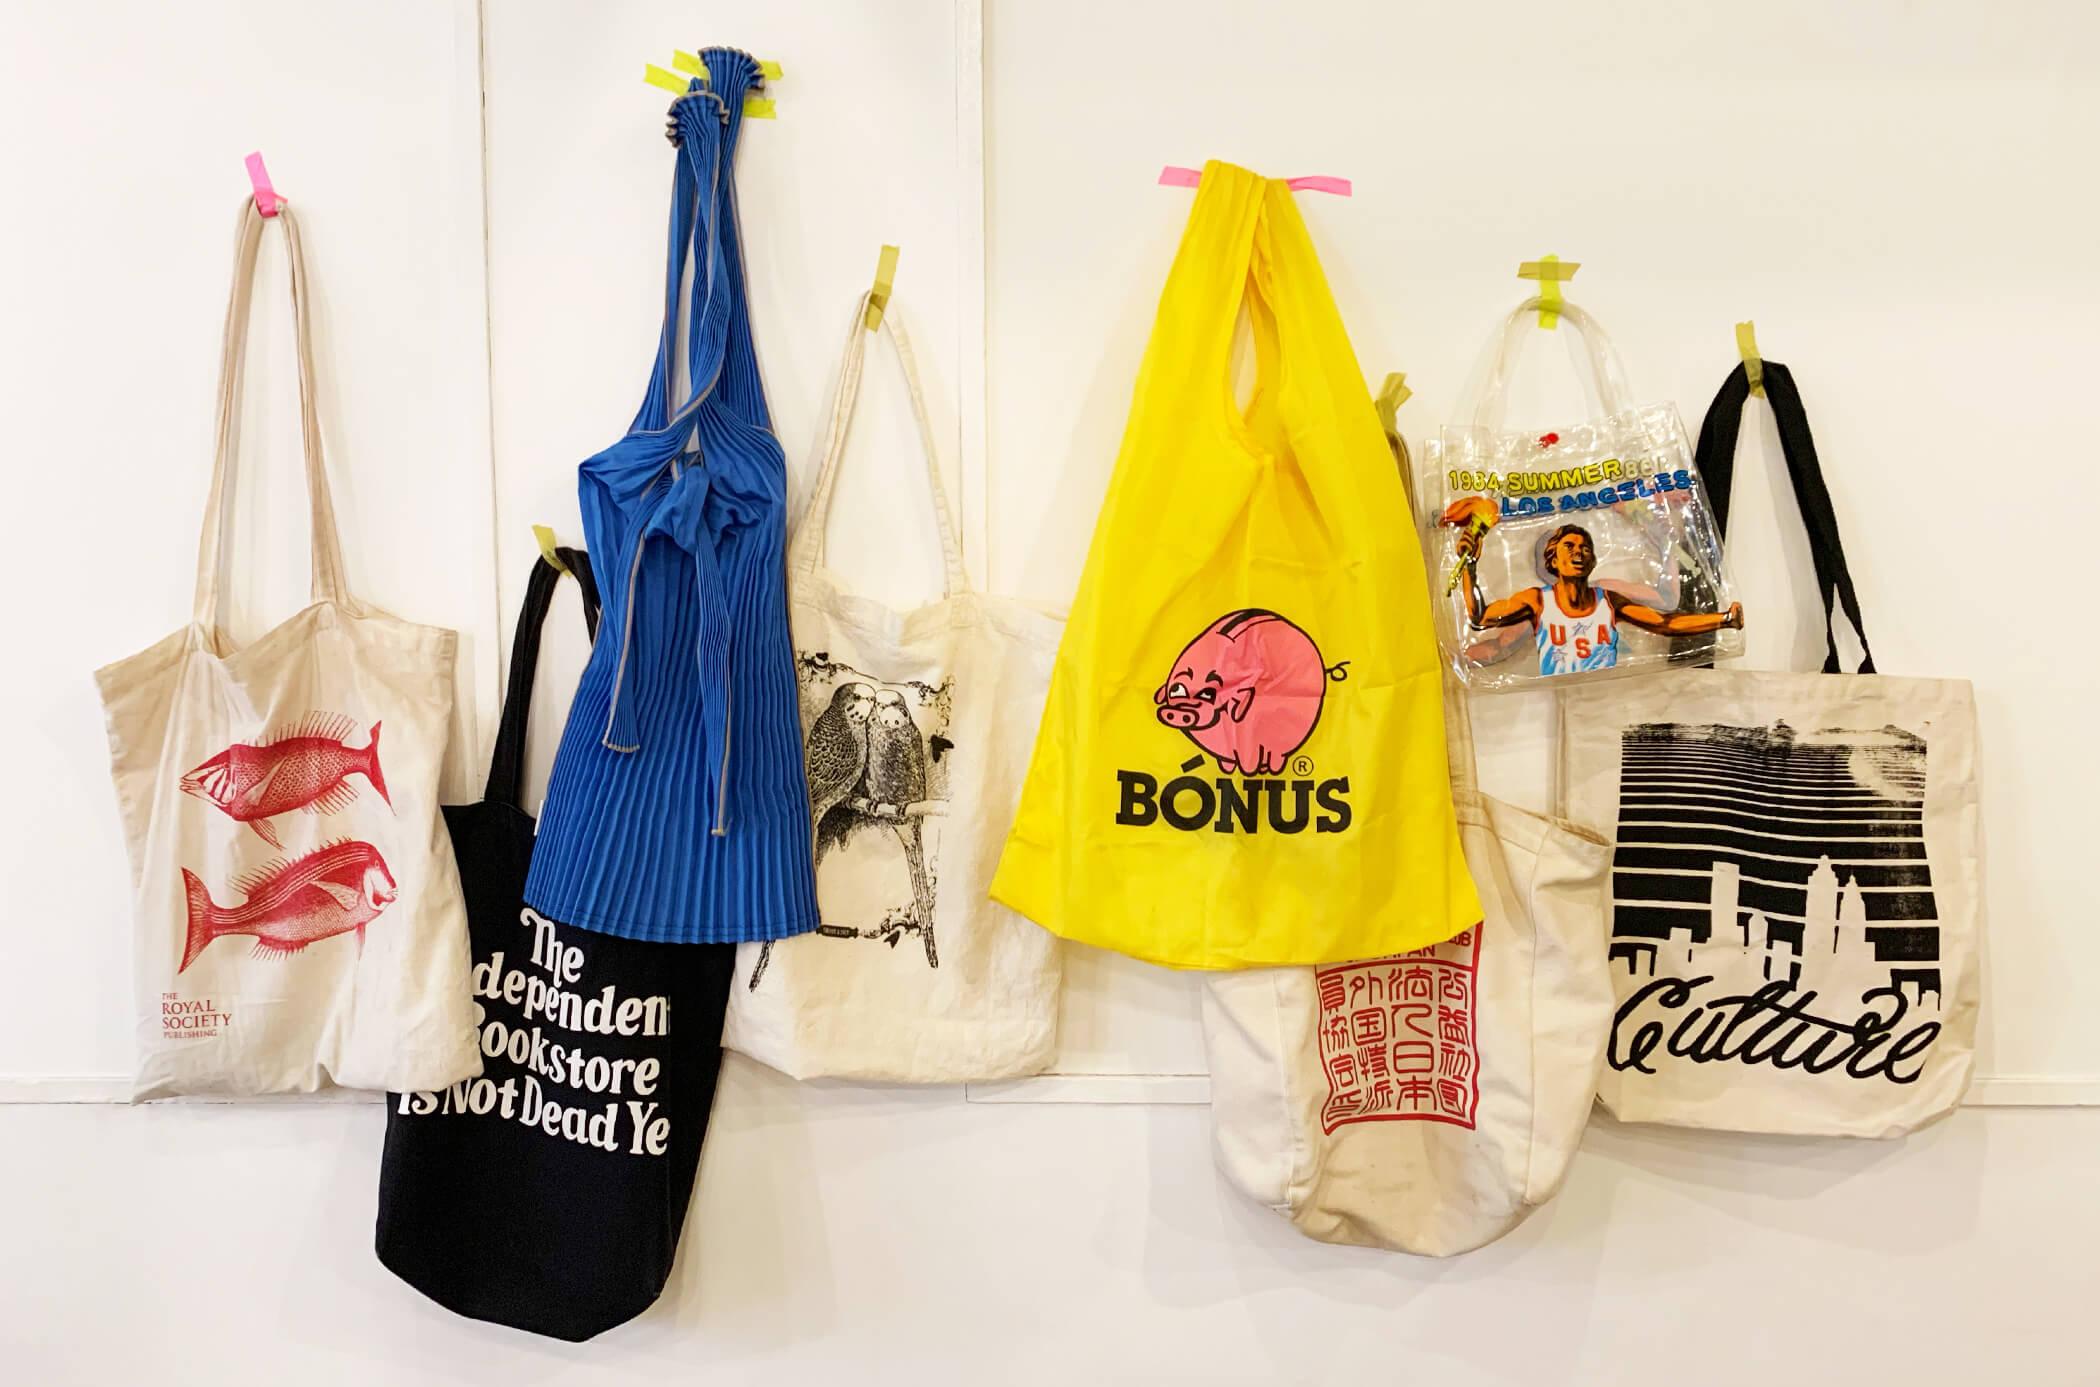 え、レジ袋が有料化⁉︎  でも私たちにはエコバッグある!